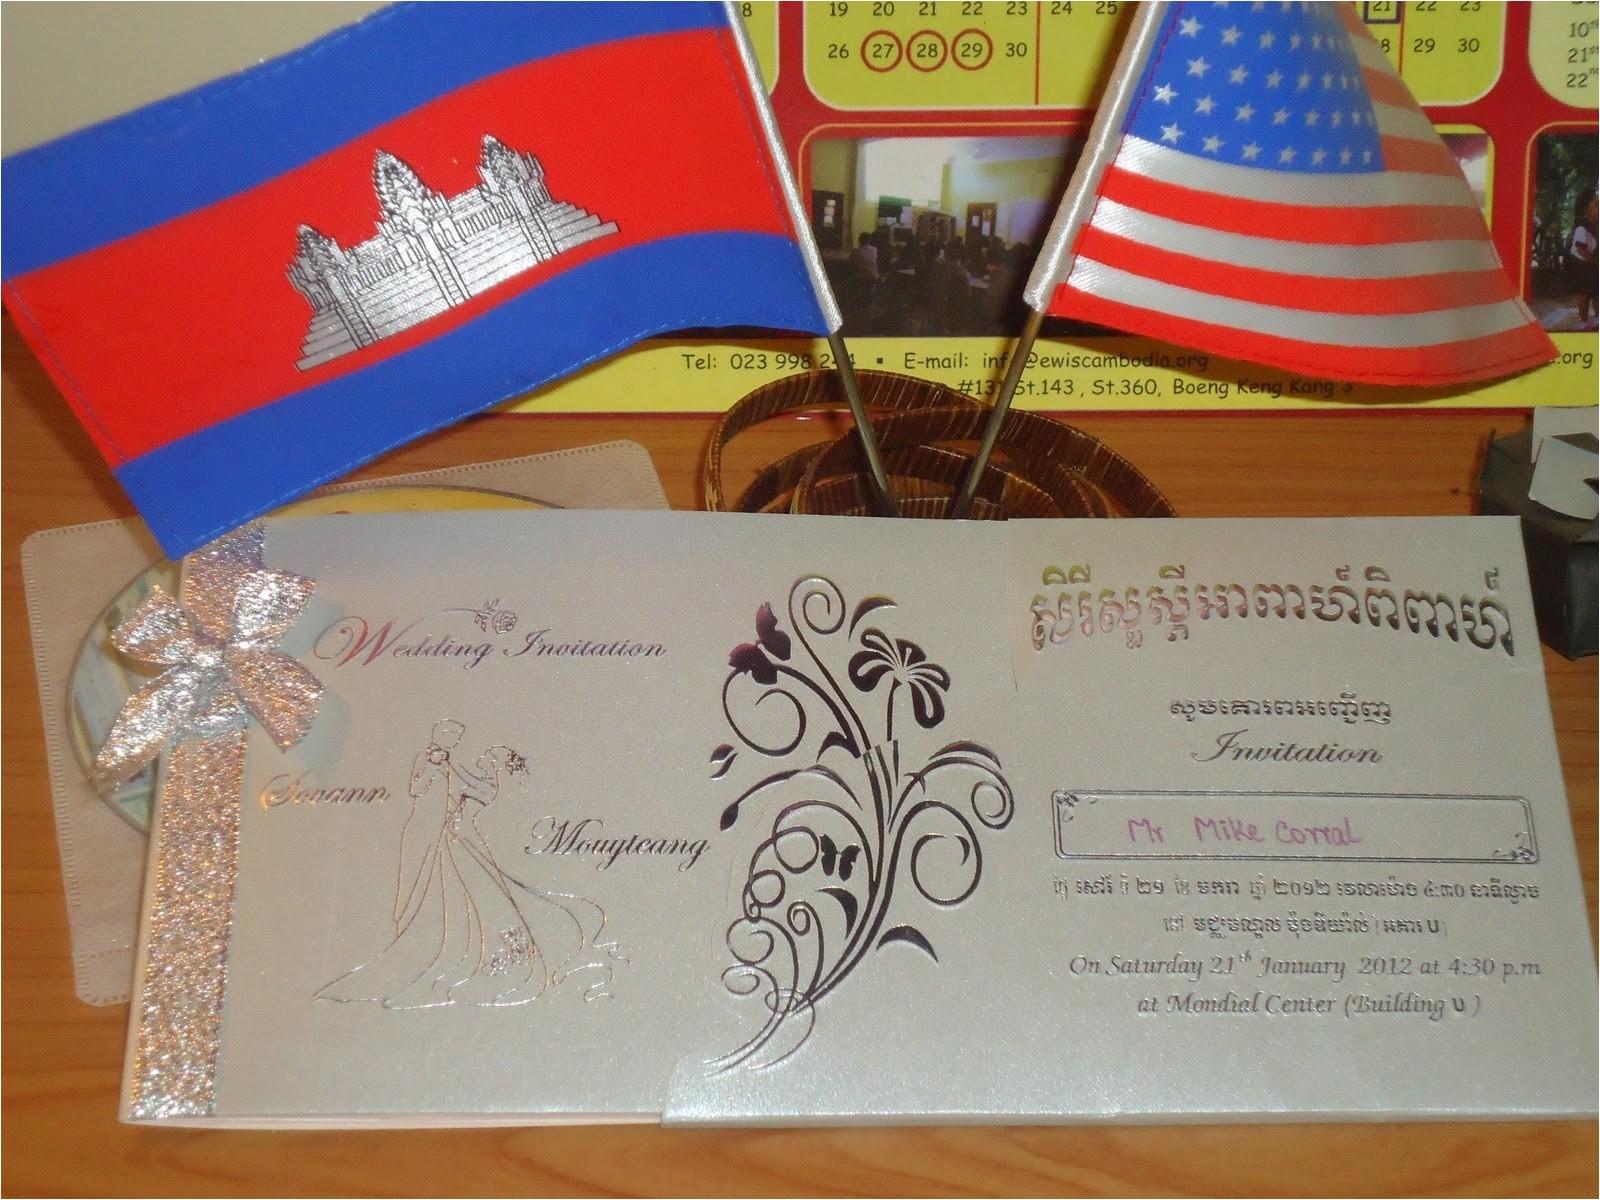 khmer wedding invitation 021338988